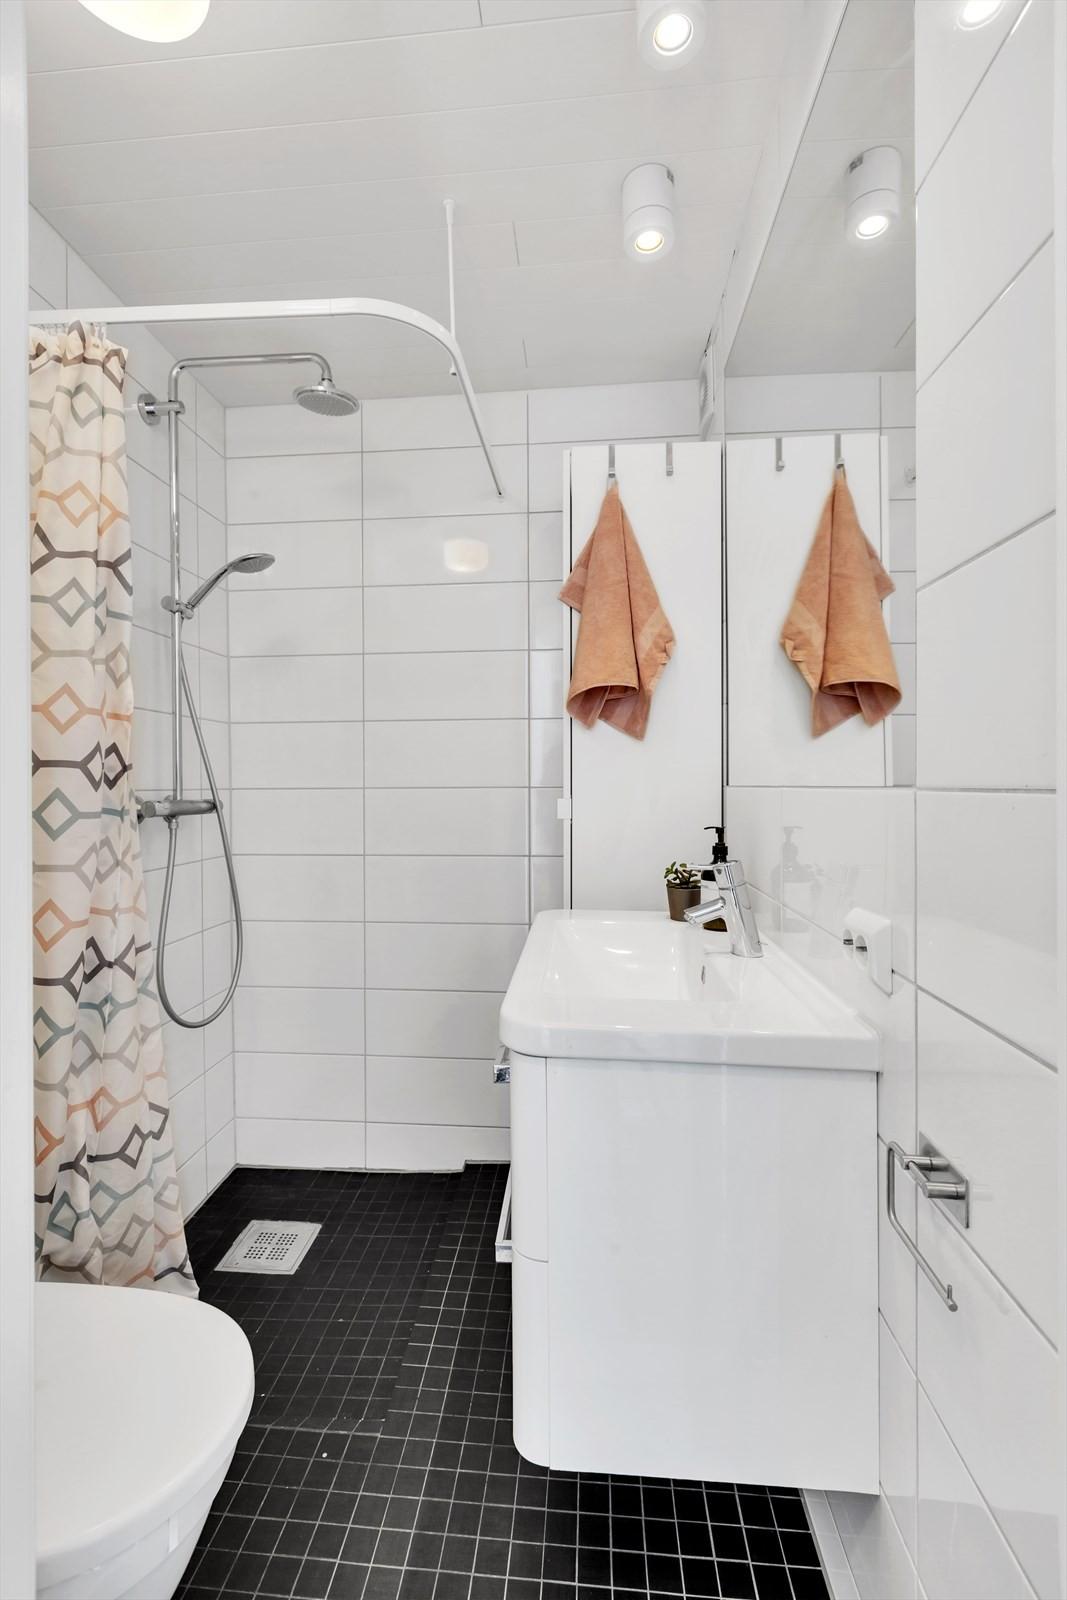 Badrom i 1. etasje, komplett flislagt med vegghengt toalett og dusjnisje.